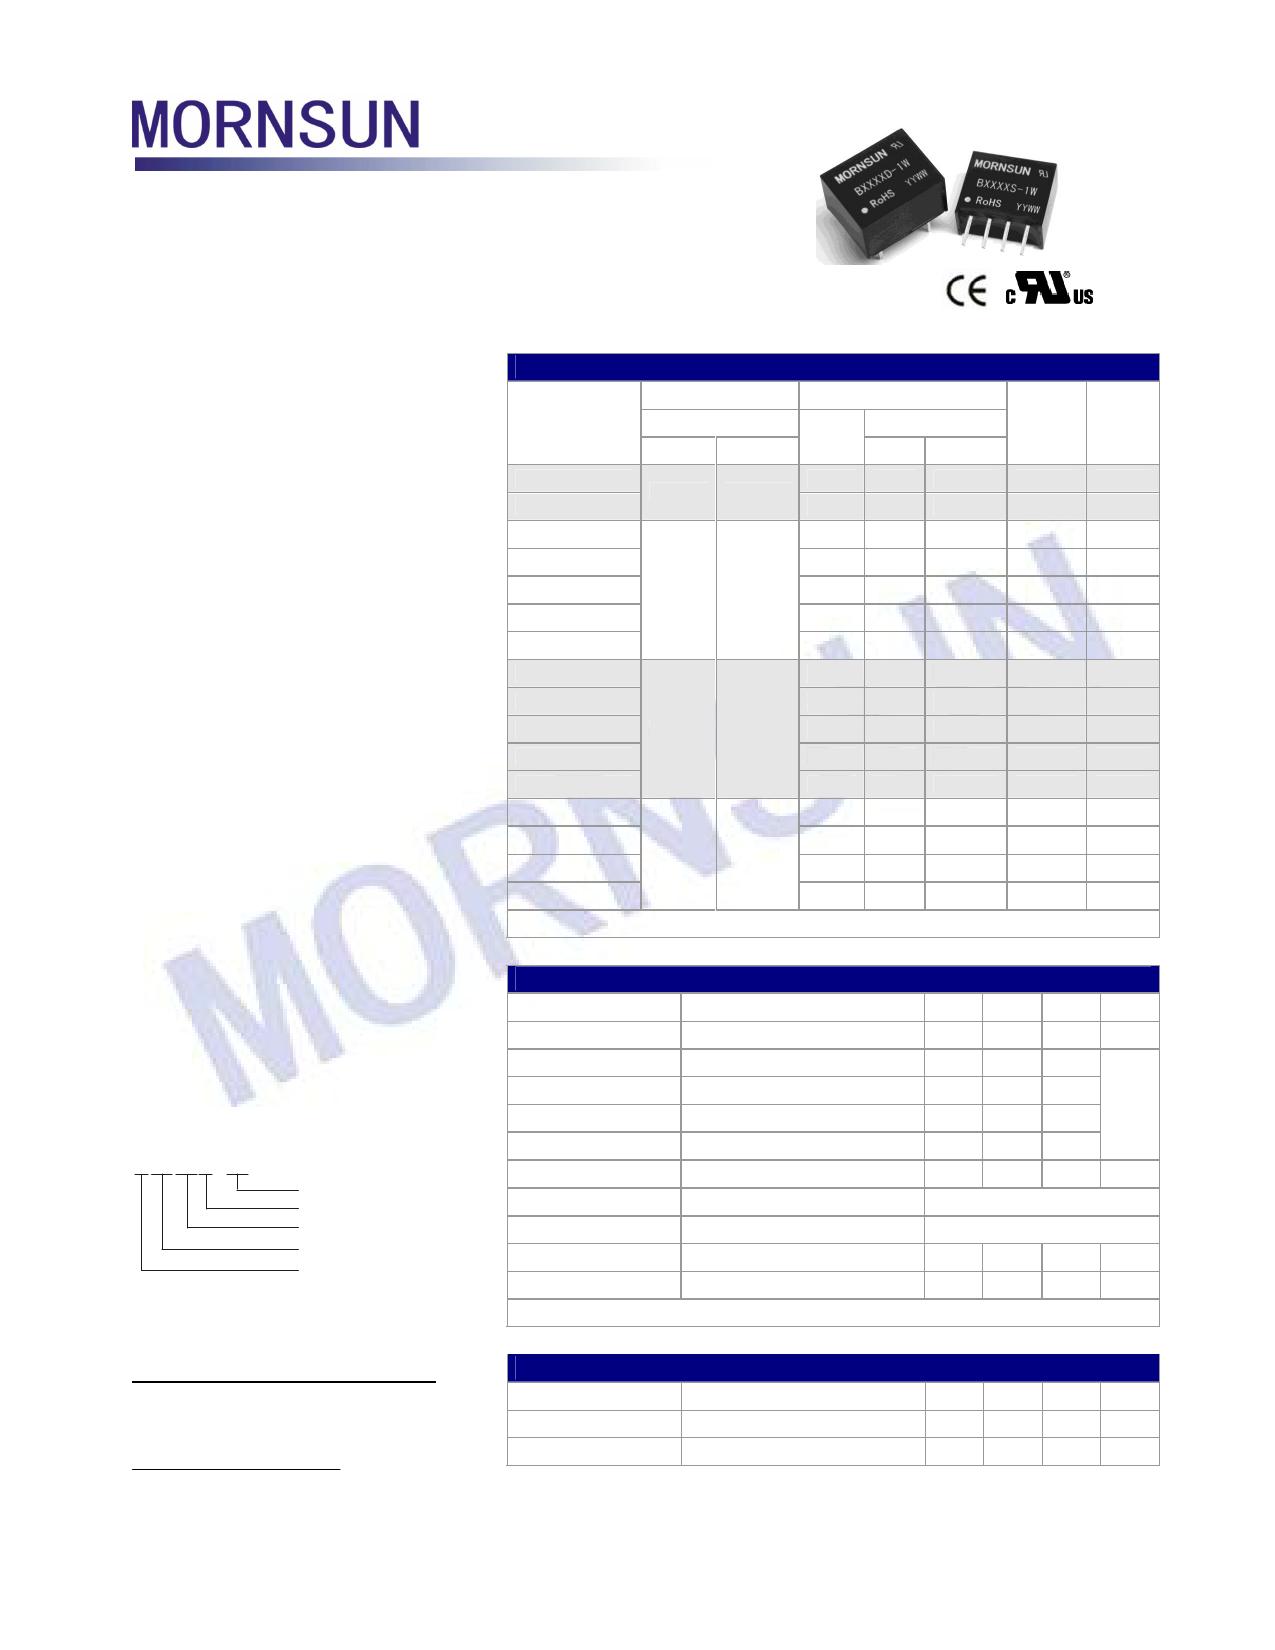 B0515S-1W datasheet